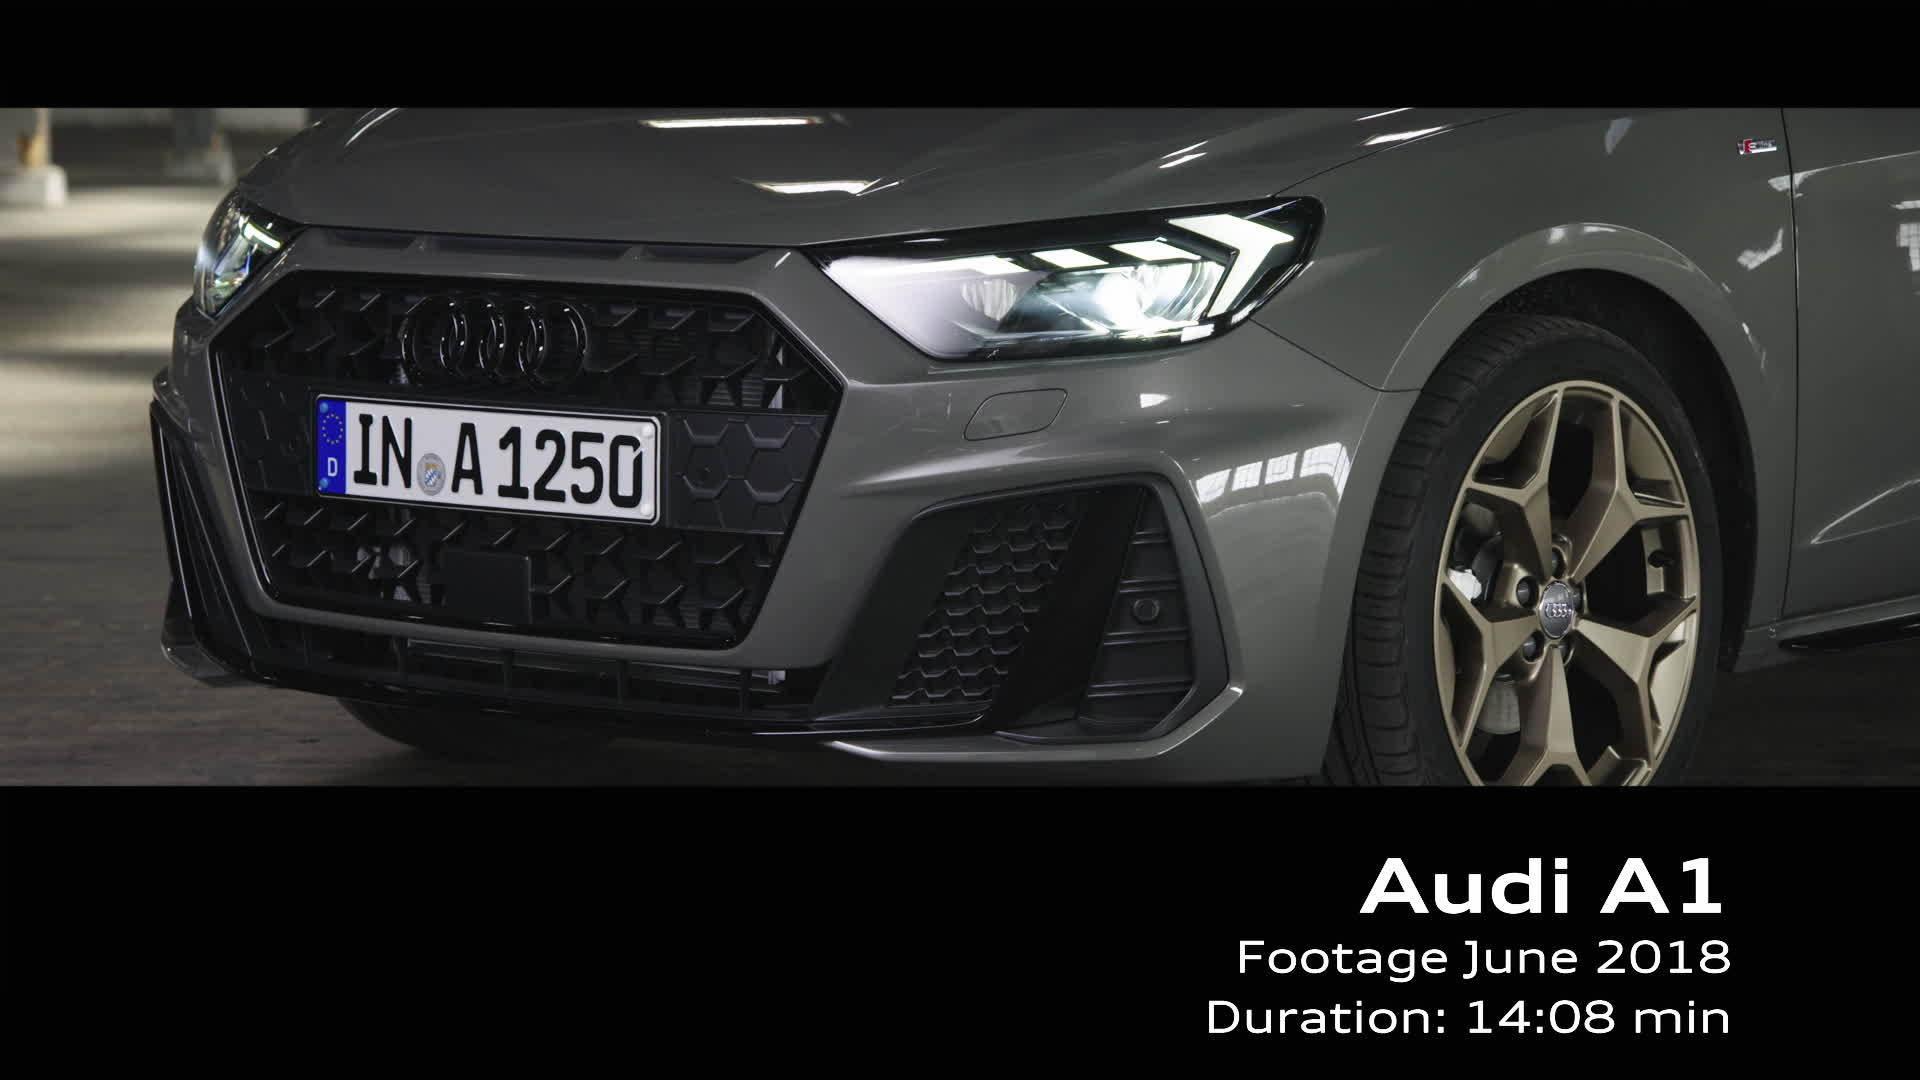 Audi A1 Sportback Footage